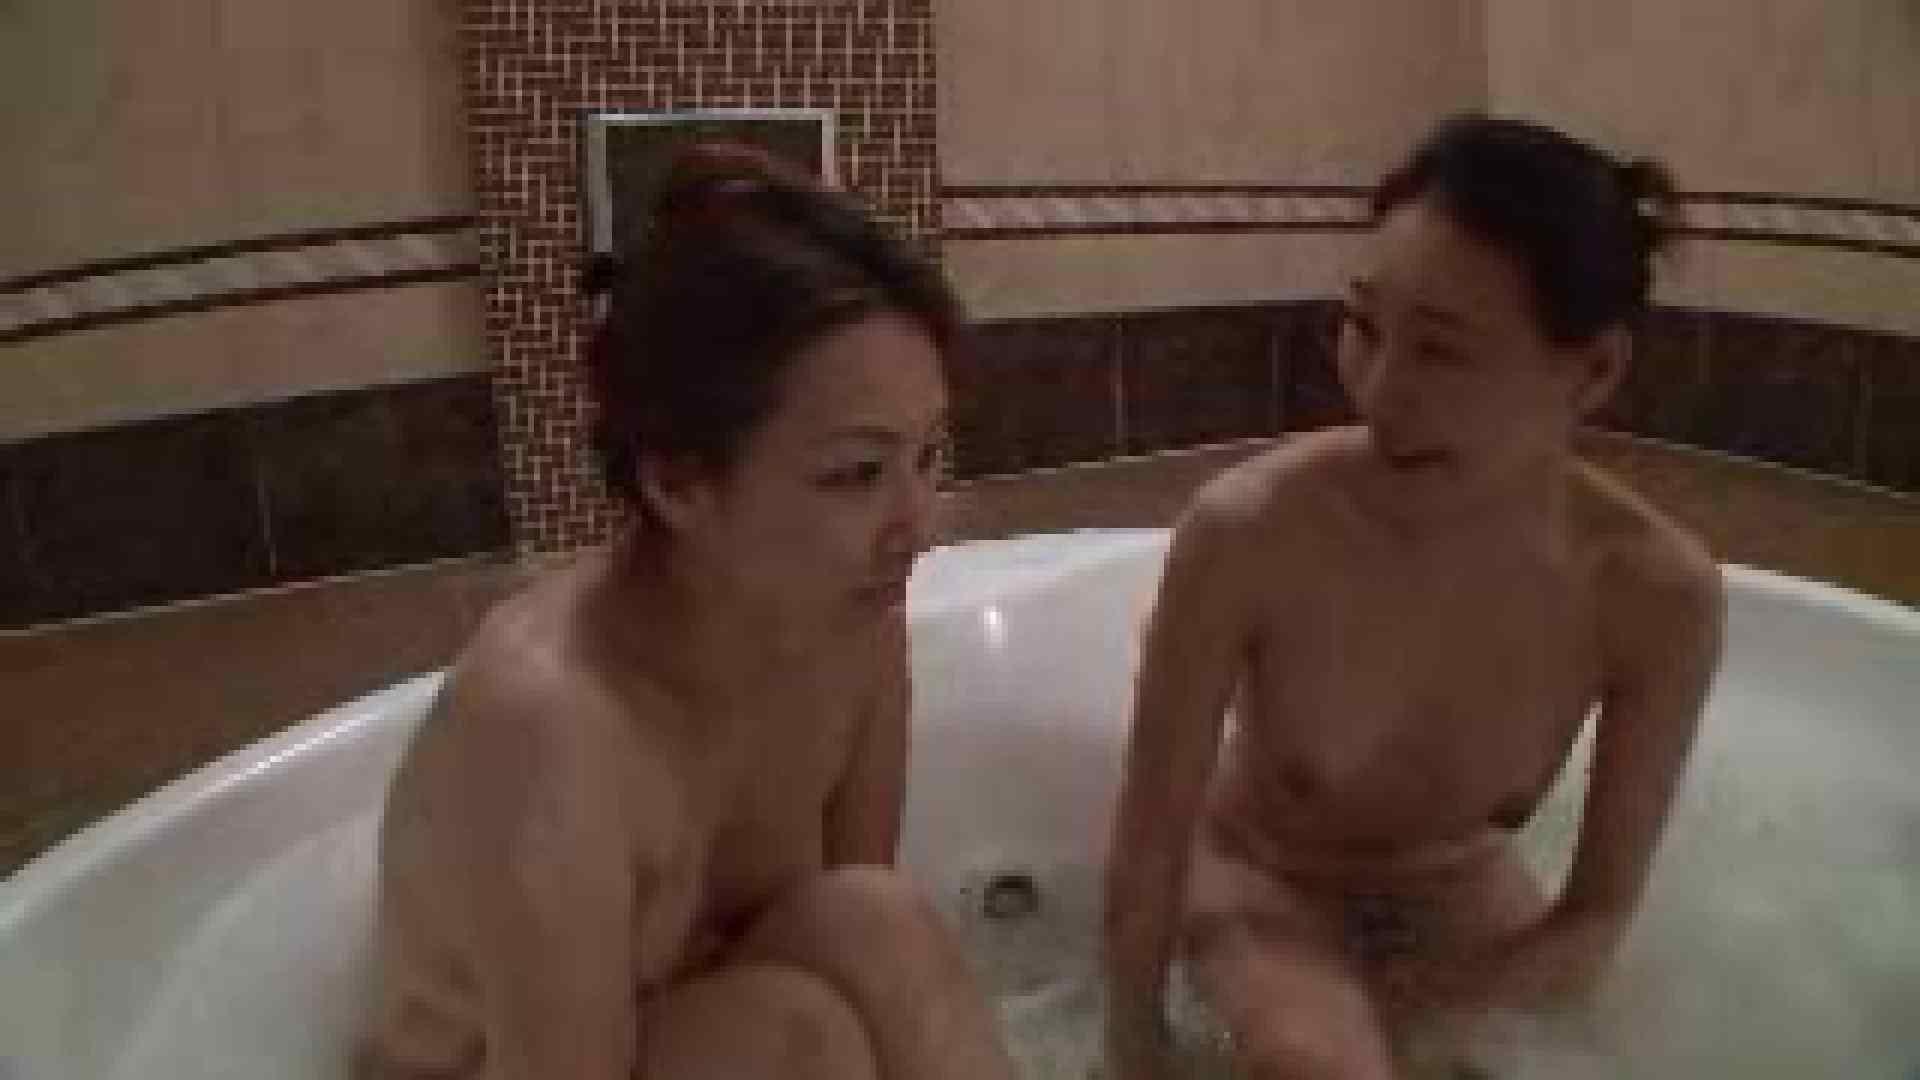 親友同士で競演 超美形熟女のSEXパーティ Vol.06 SEX映像 オマンコ動画キャプチャ 73pic 17